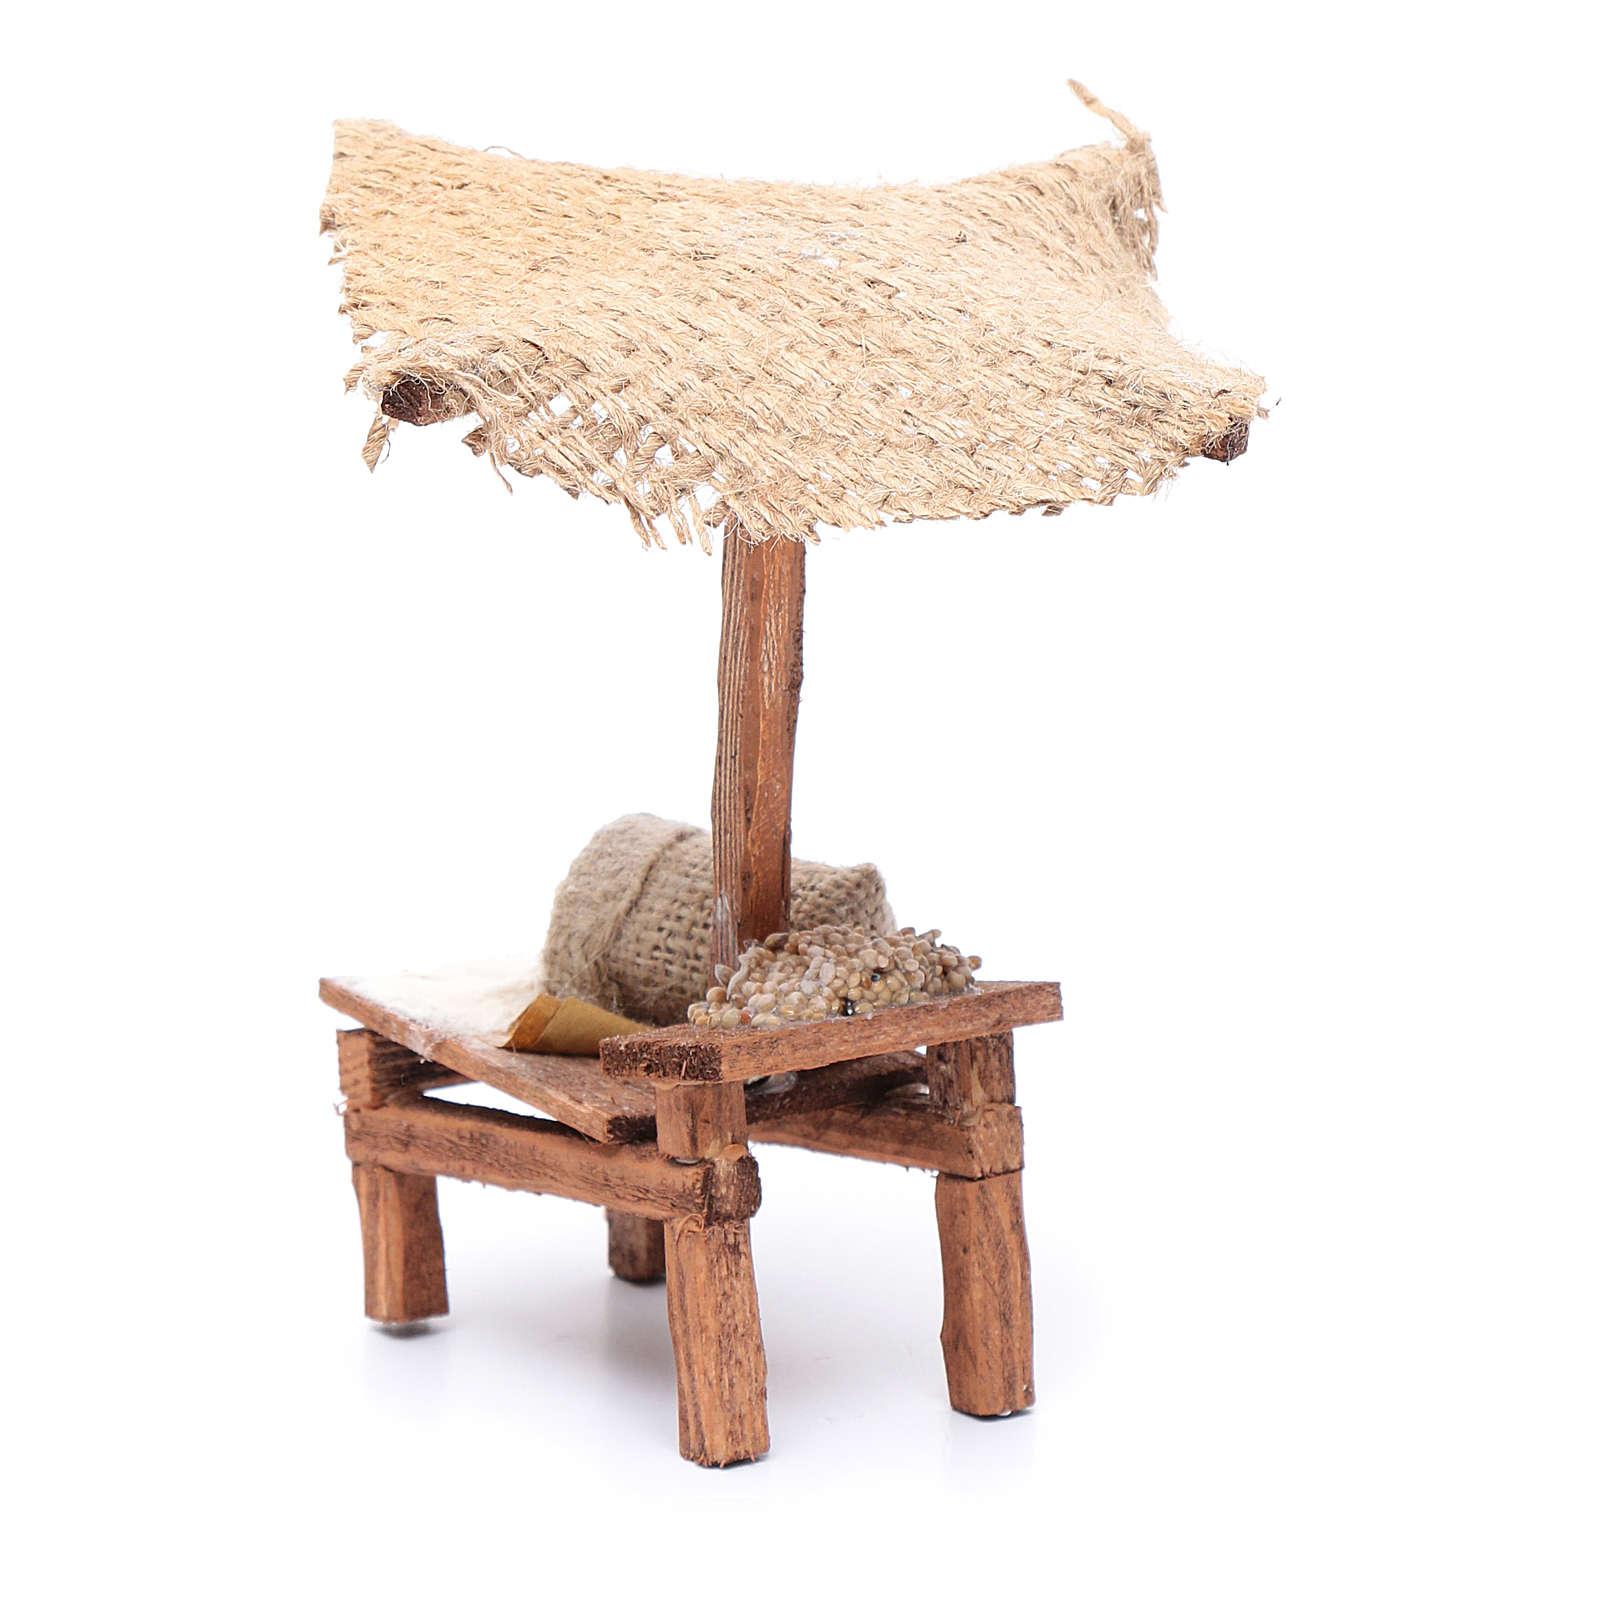 Banchetto con farina 15x5x10 cm 4